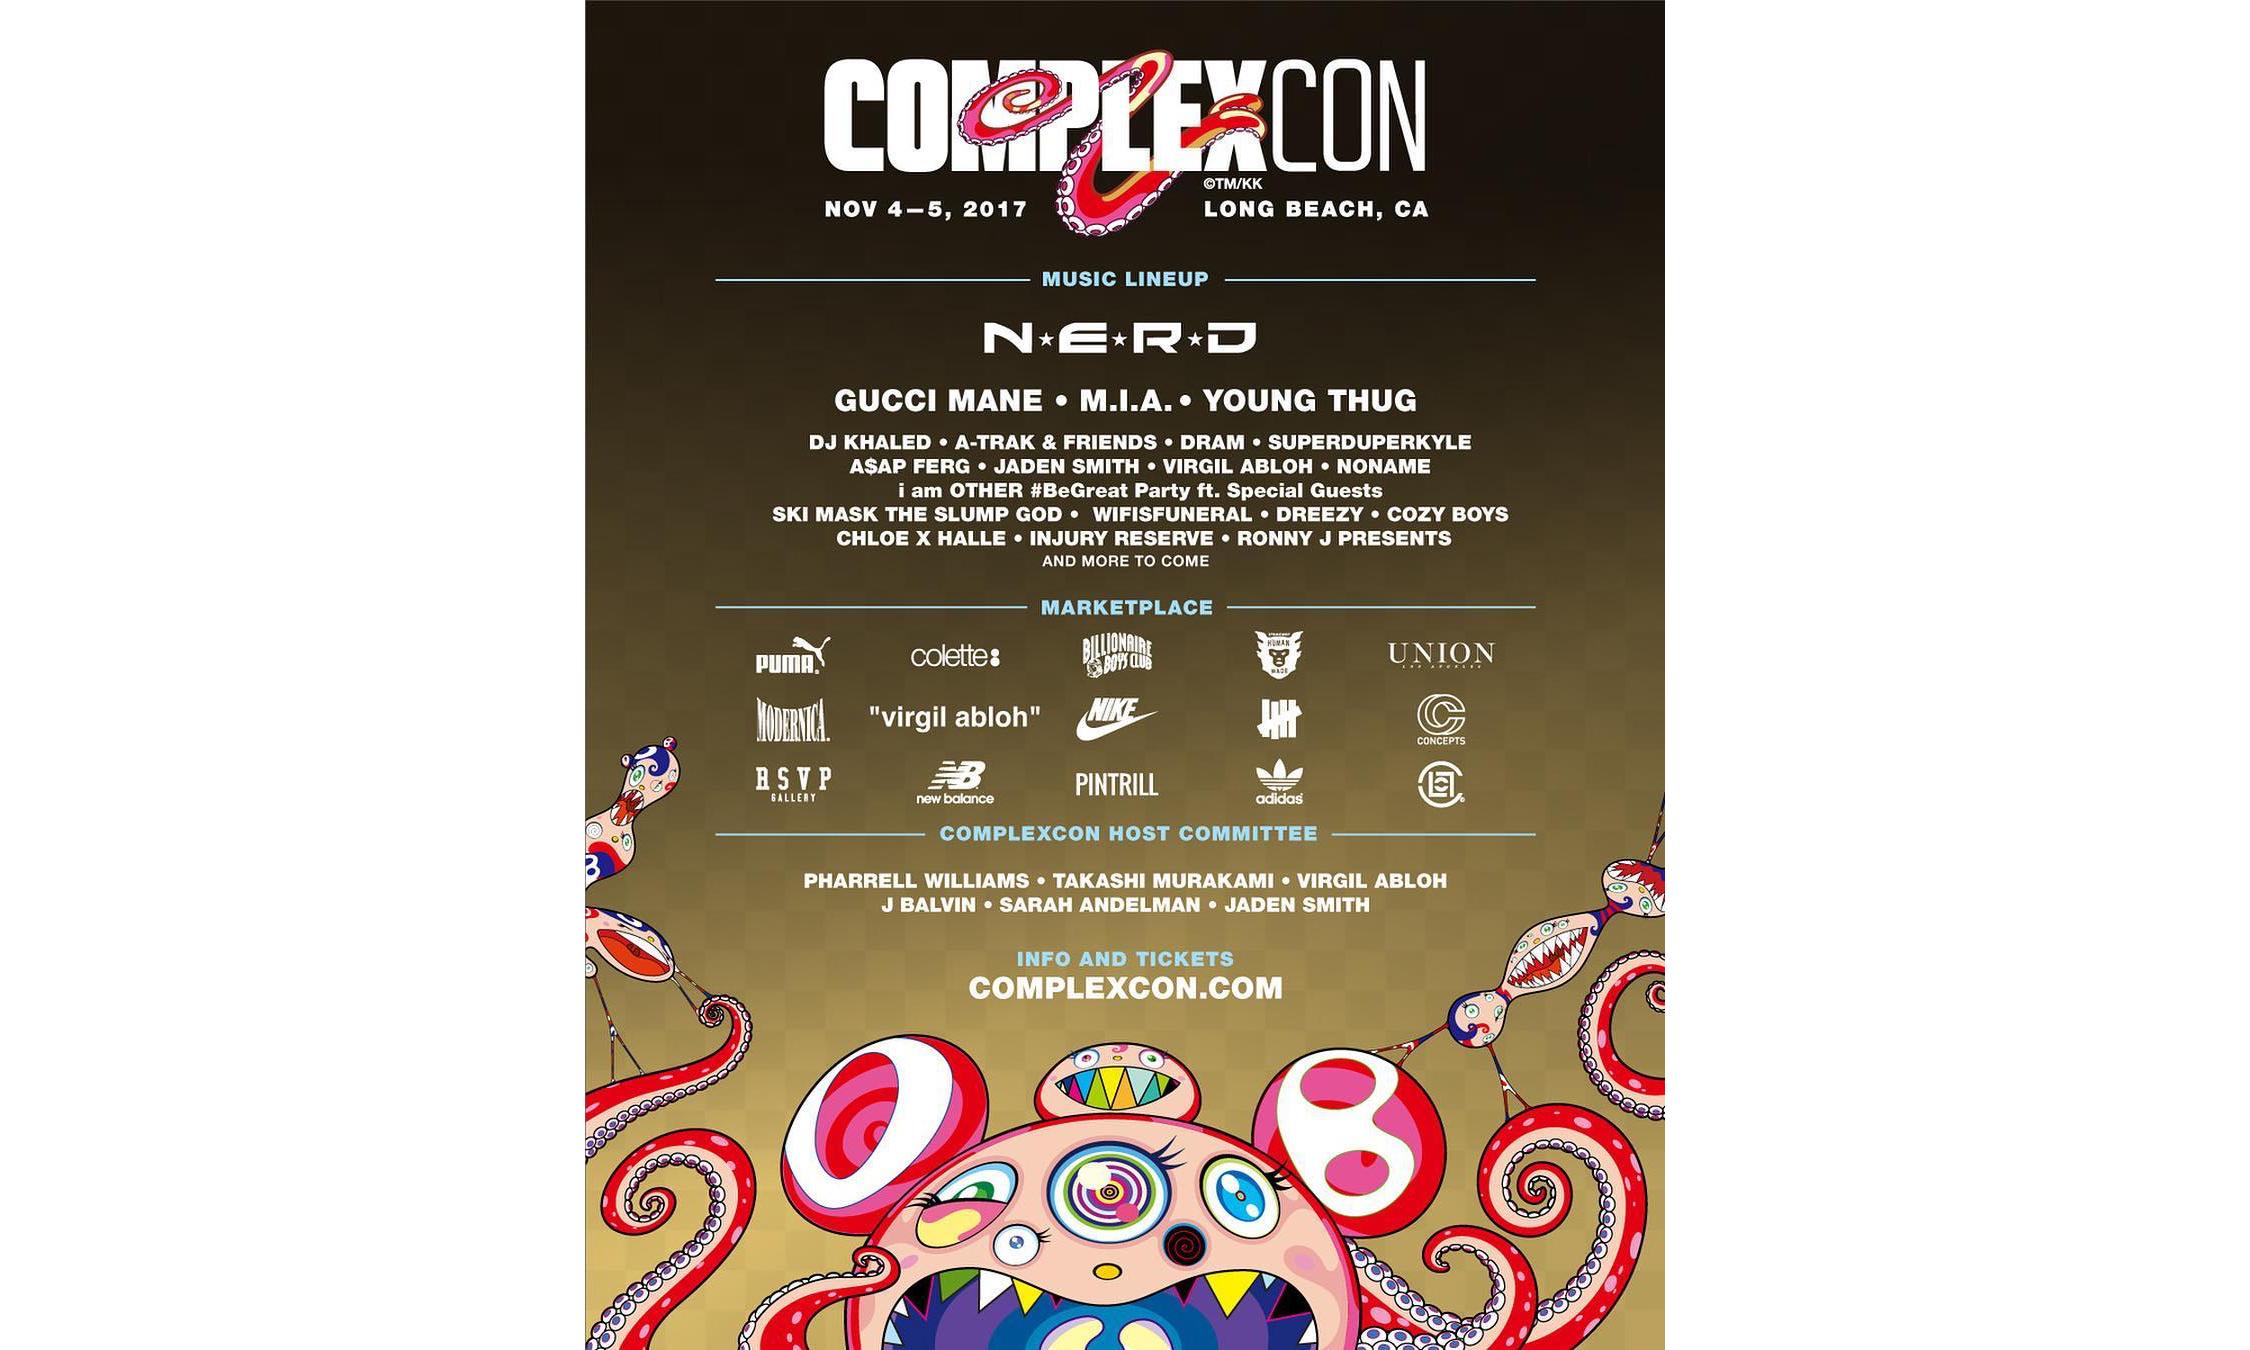 年度潮流盛会 ComplexCon 2017 售票窗口即将开启